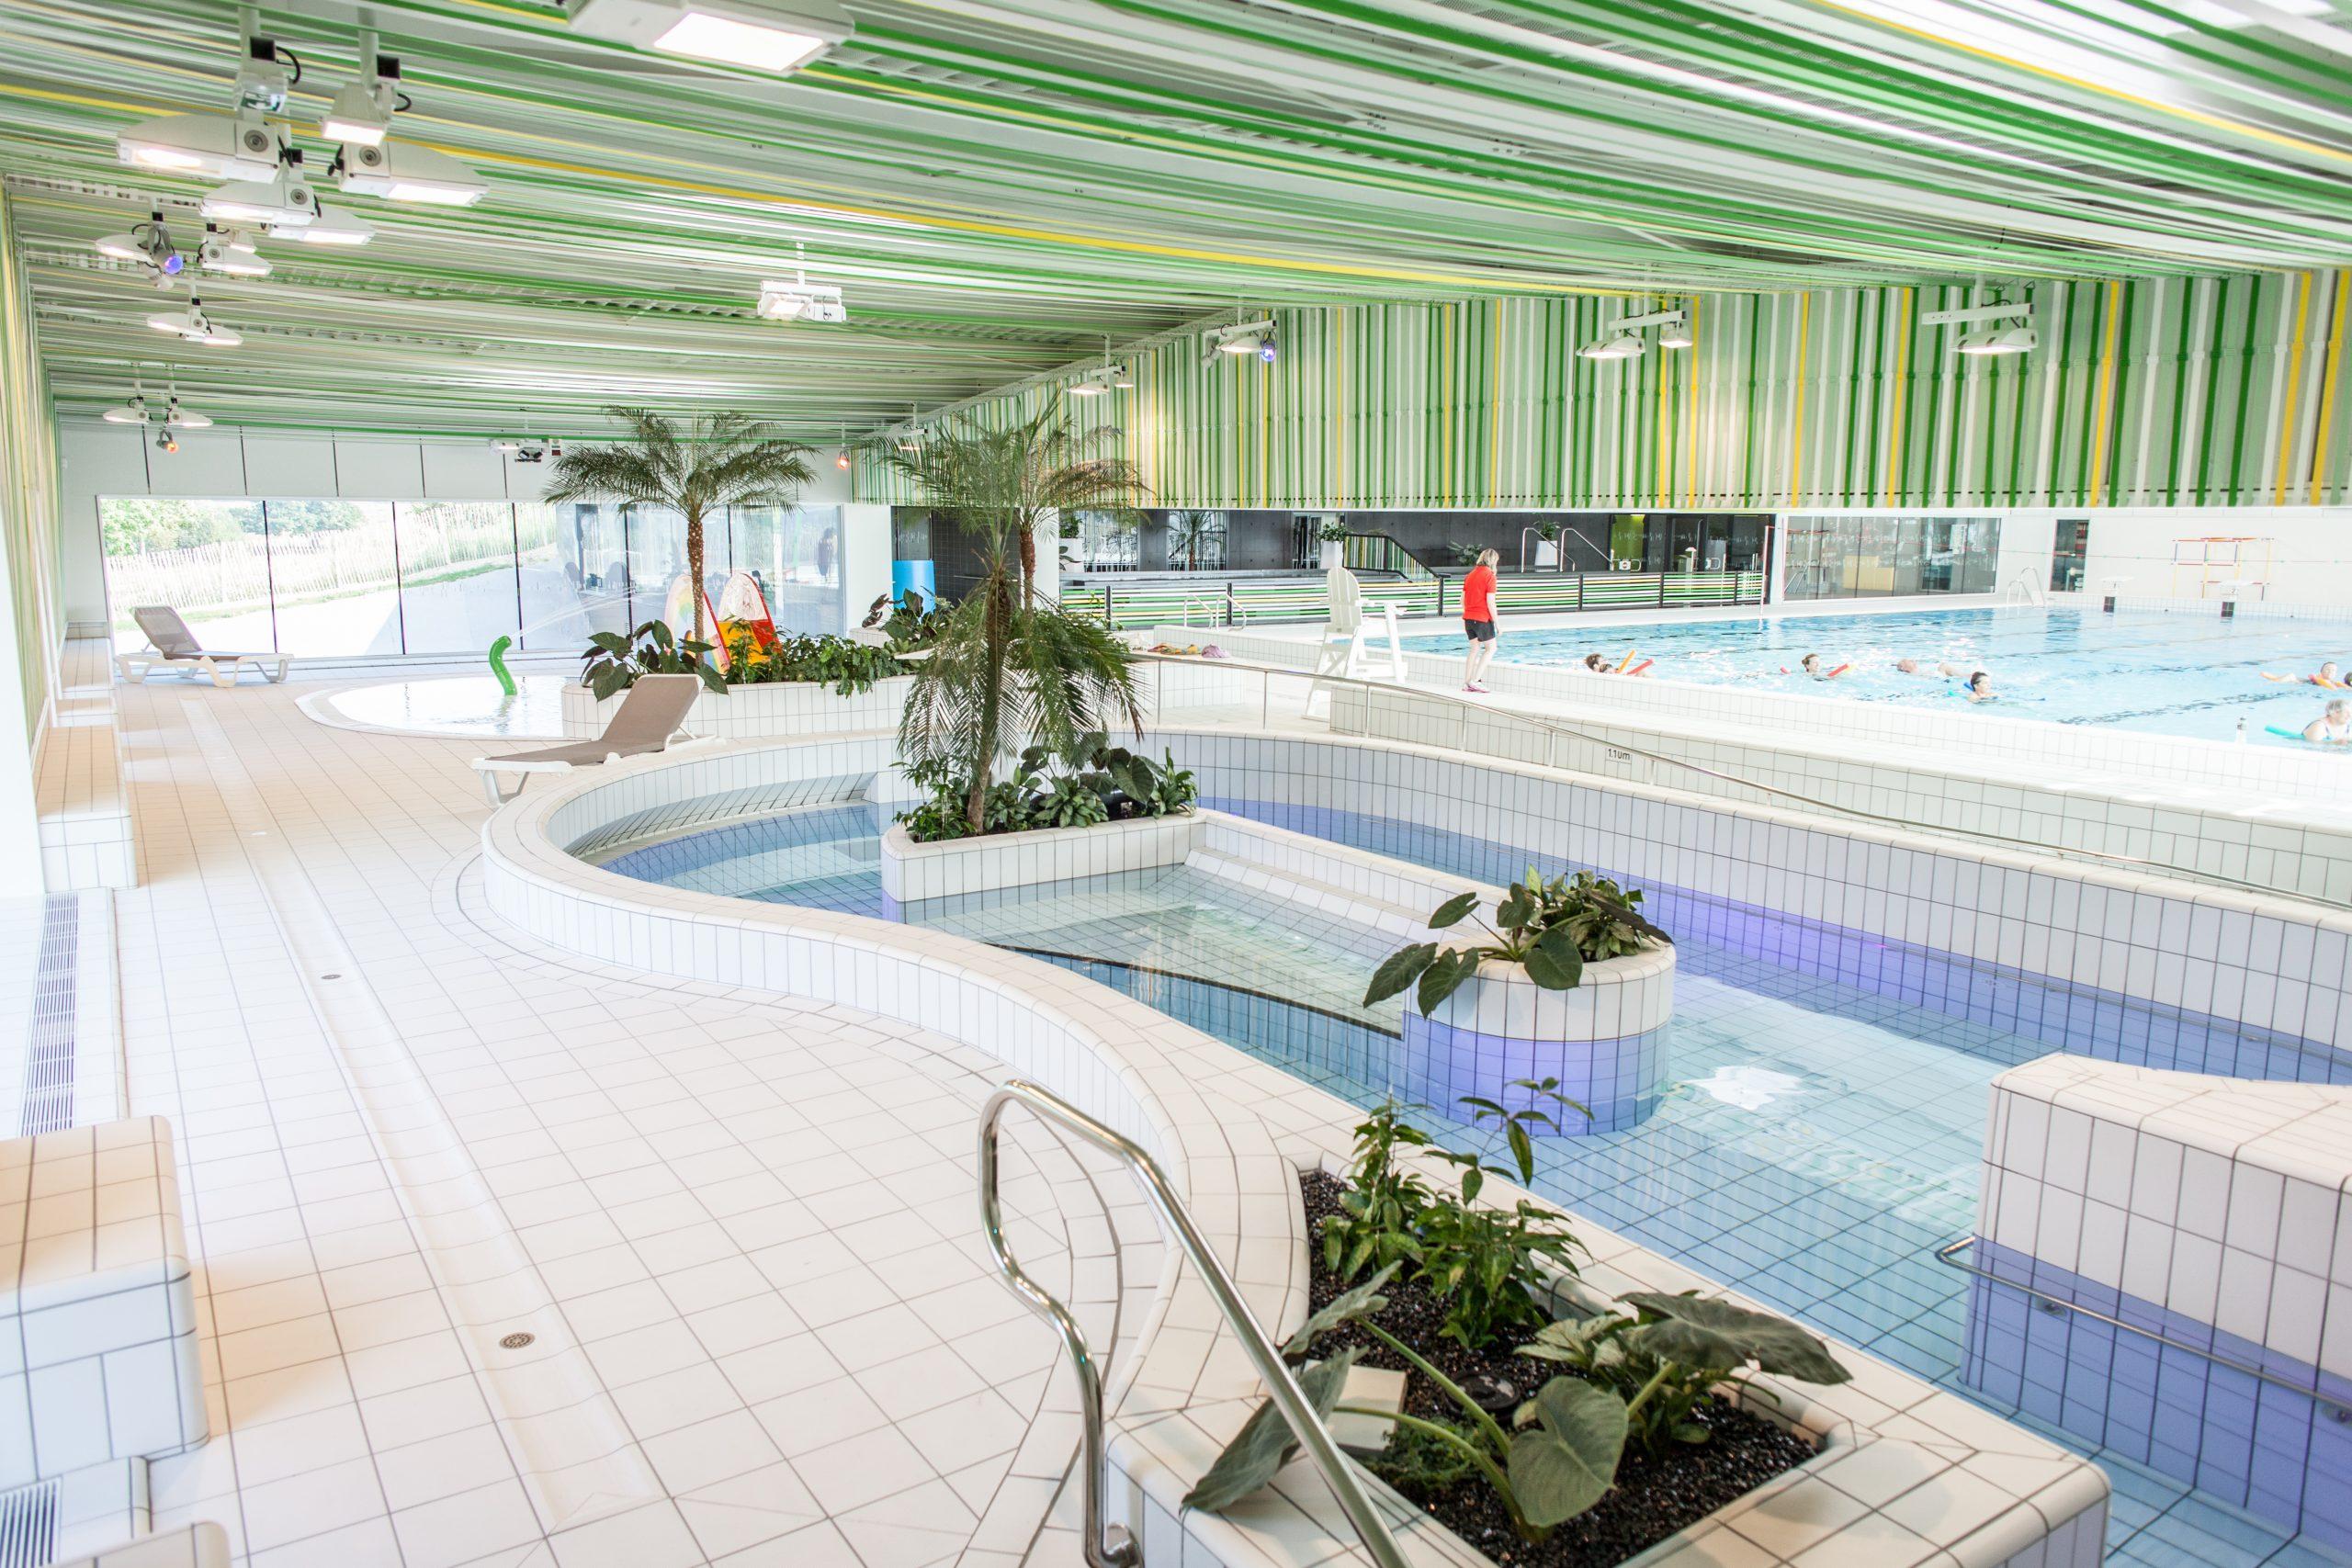 Centre Aquatique Les Ondines Janzé|Balnéothérapie, Piscine ... destiné Piscine Chateaugiron